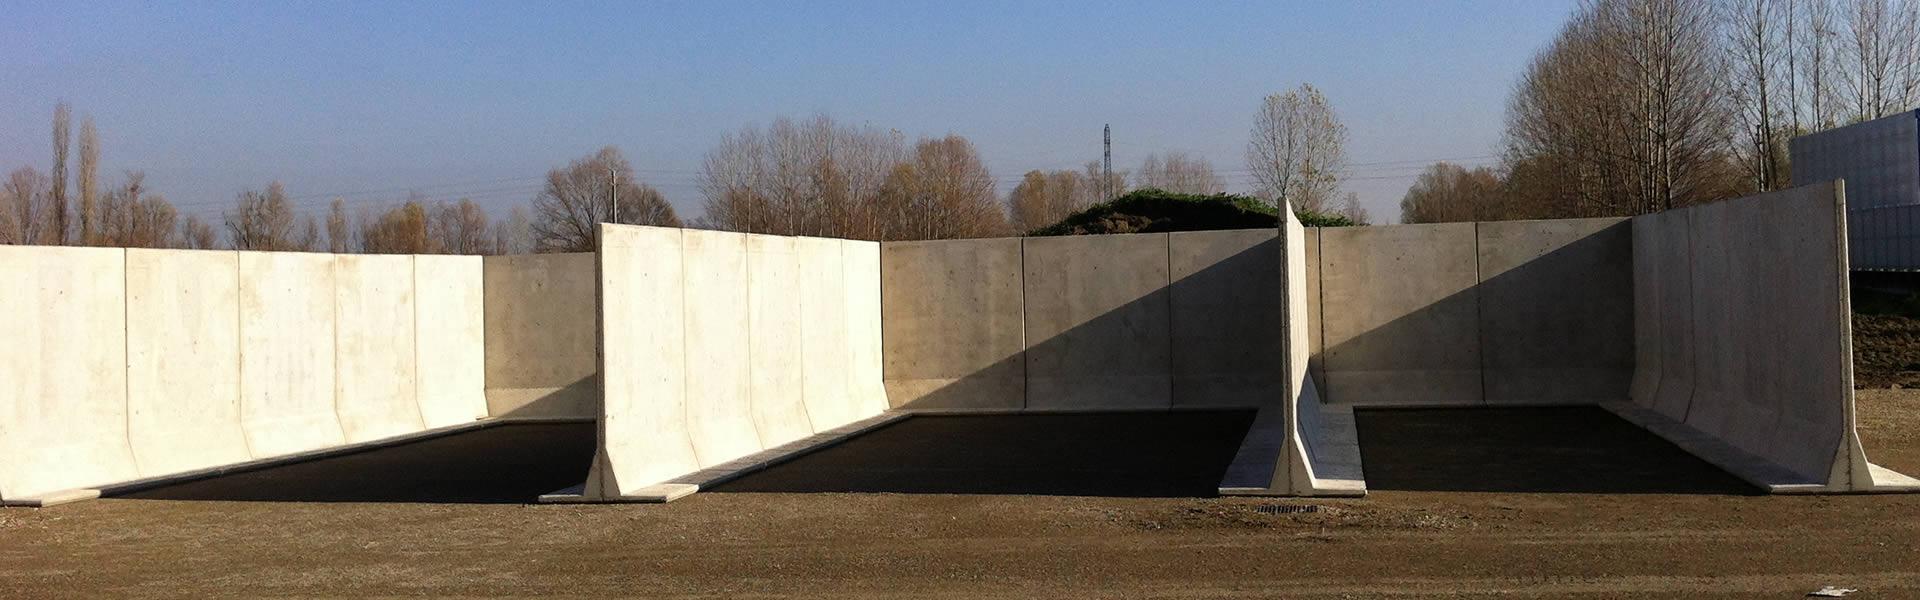 pannelli divisori prefabbricati in cemento armato